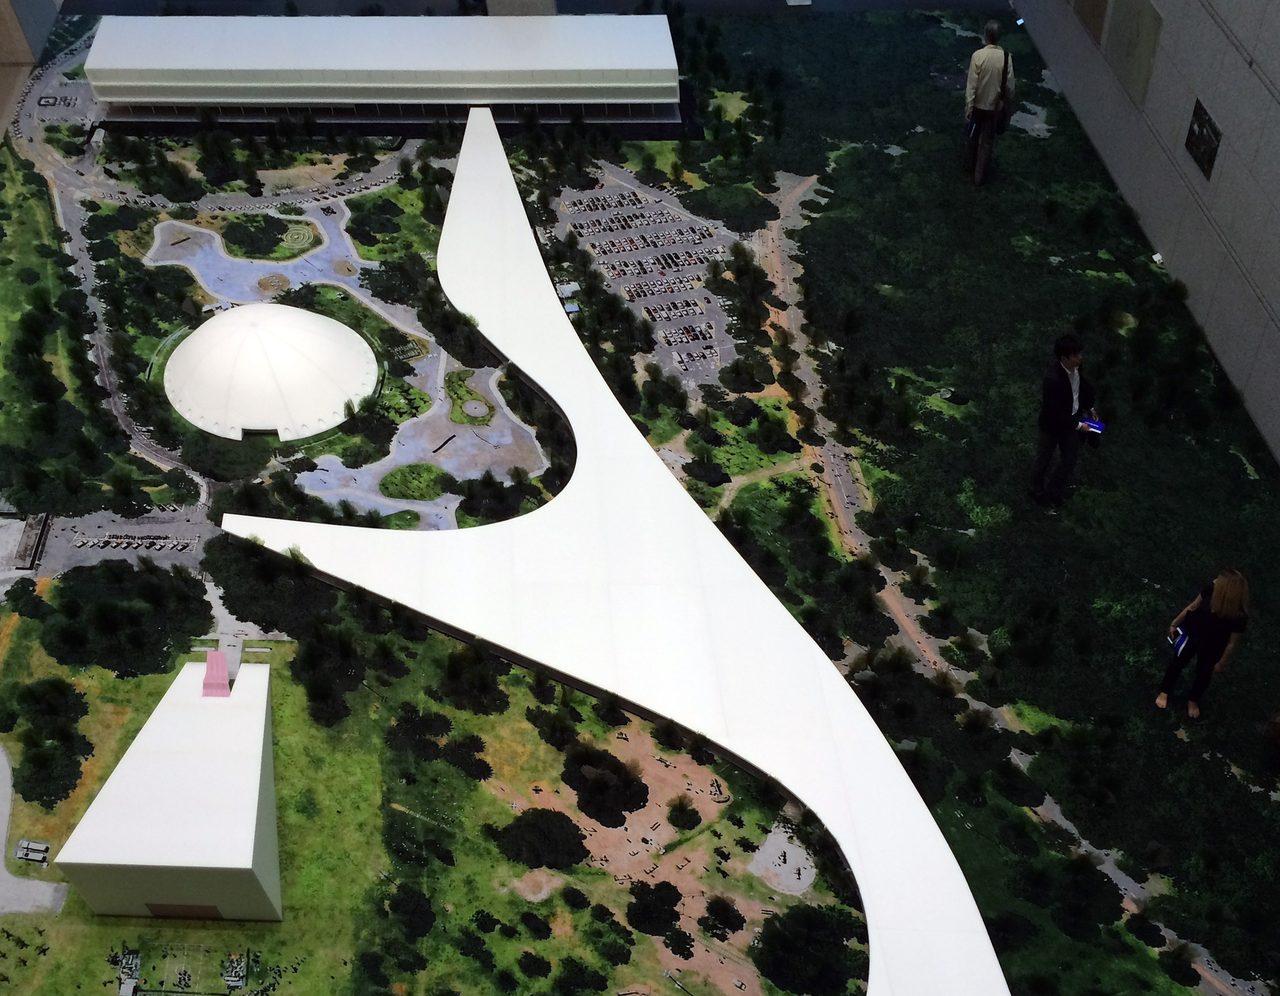 画像: イビラプエラ公園(サンパウロ、1954年開園)の30分の1模型(C)cinefil art review